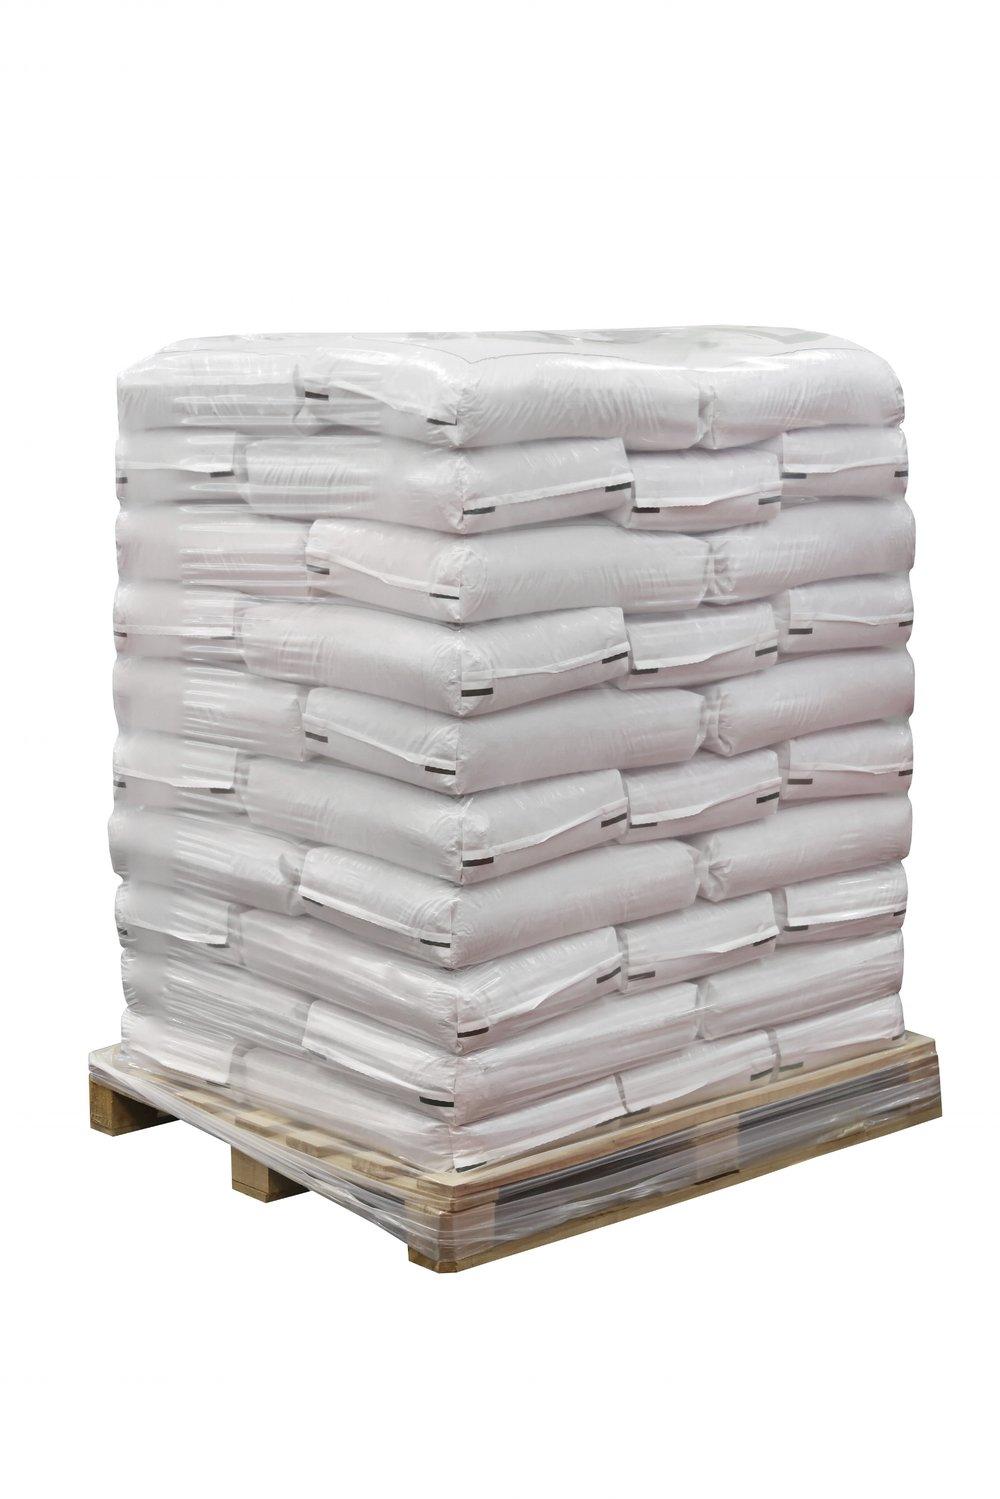 Food + Pharmaceutical grade material in 55lb bags